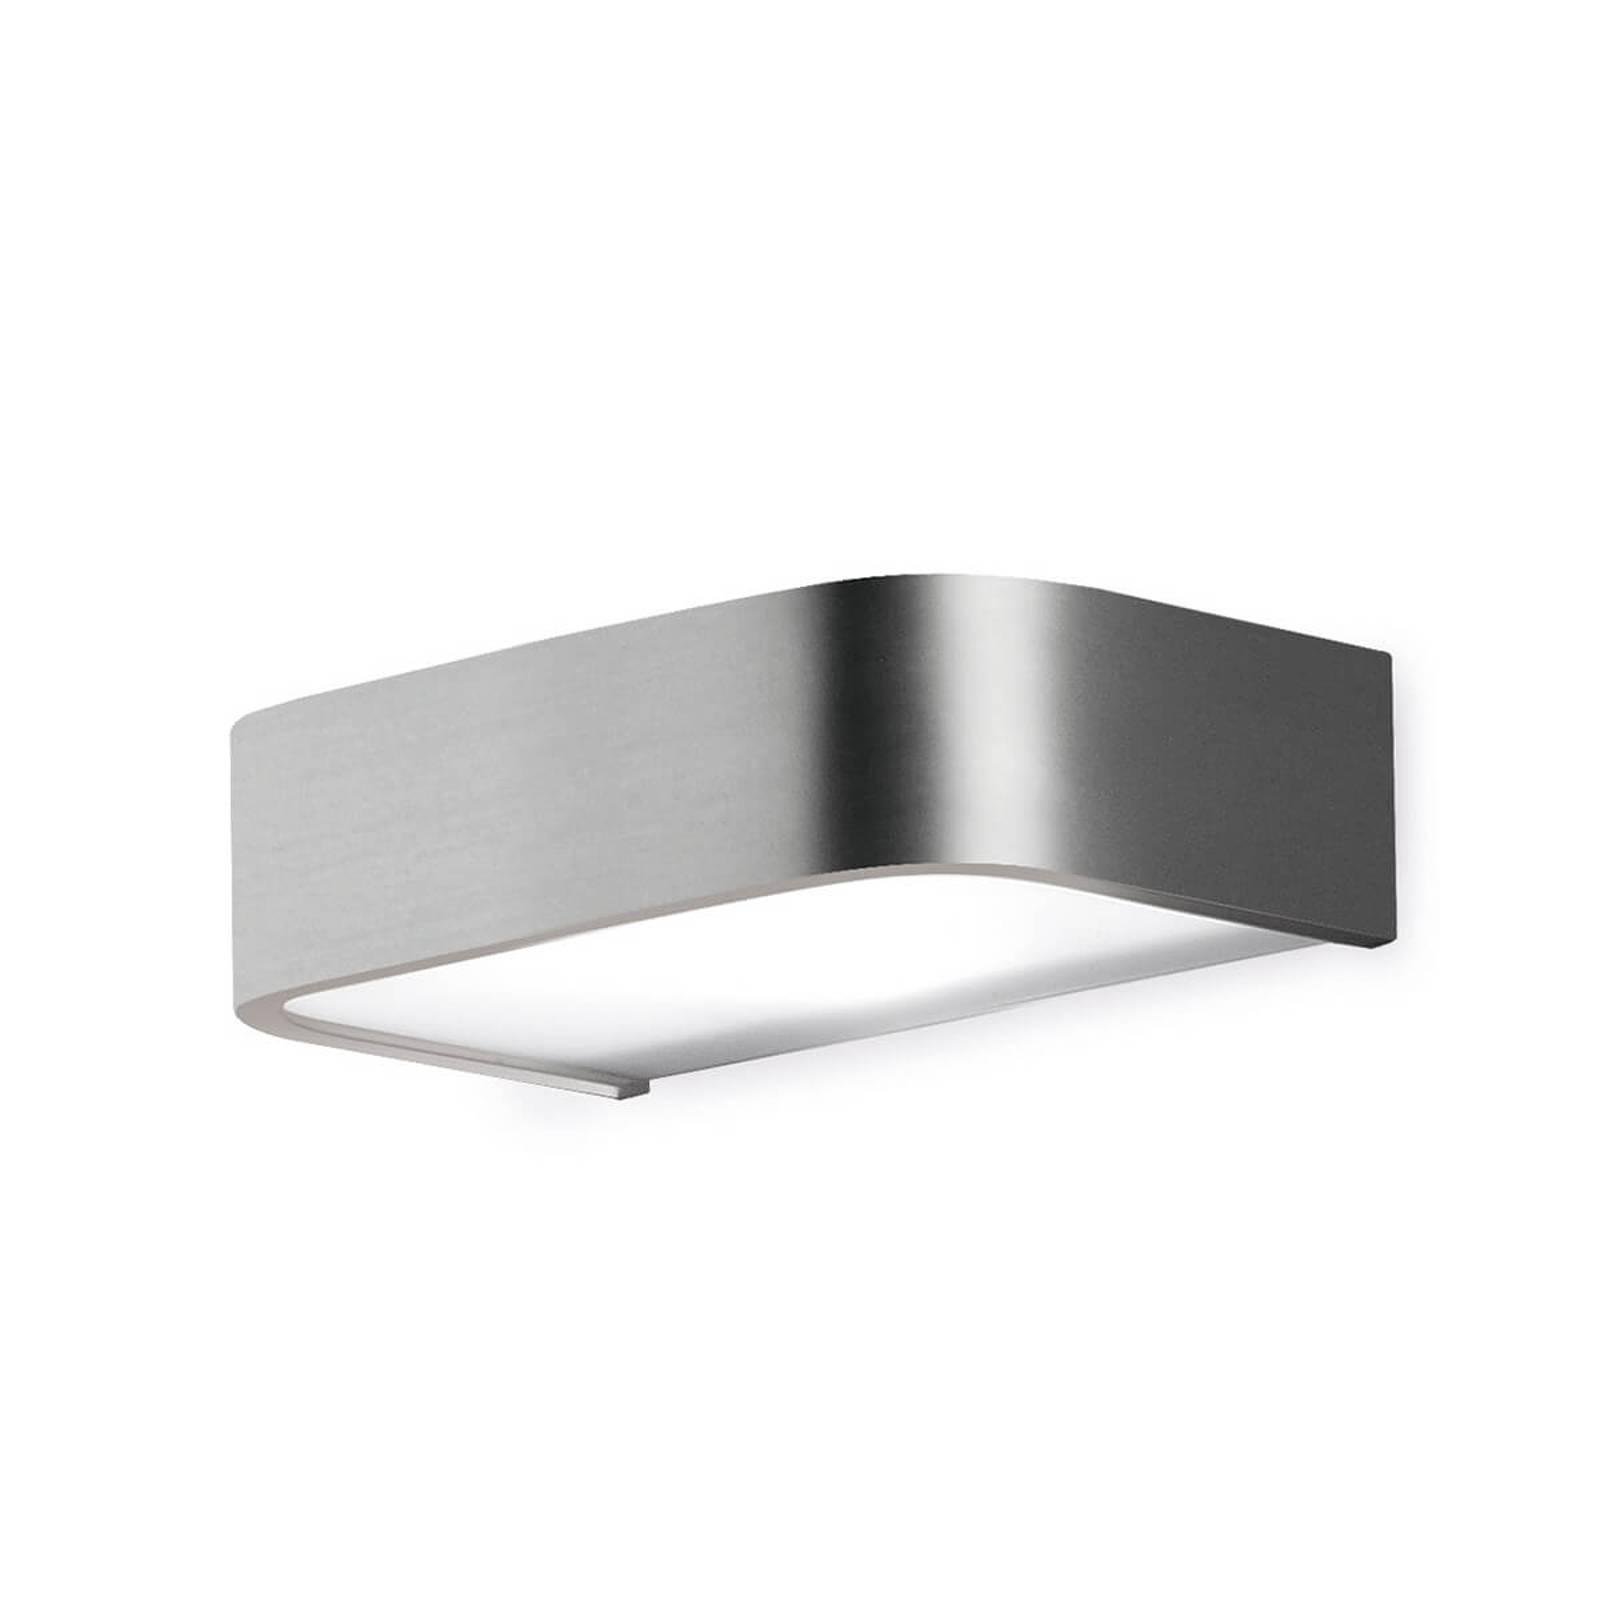 Kylpyhuoneen seinävalaisin Arcos LED 15 cm nikkeli